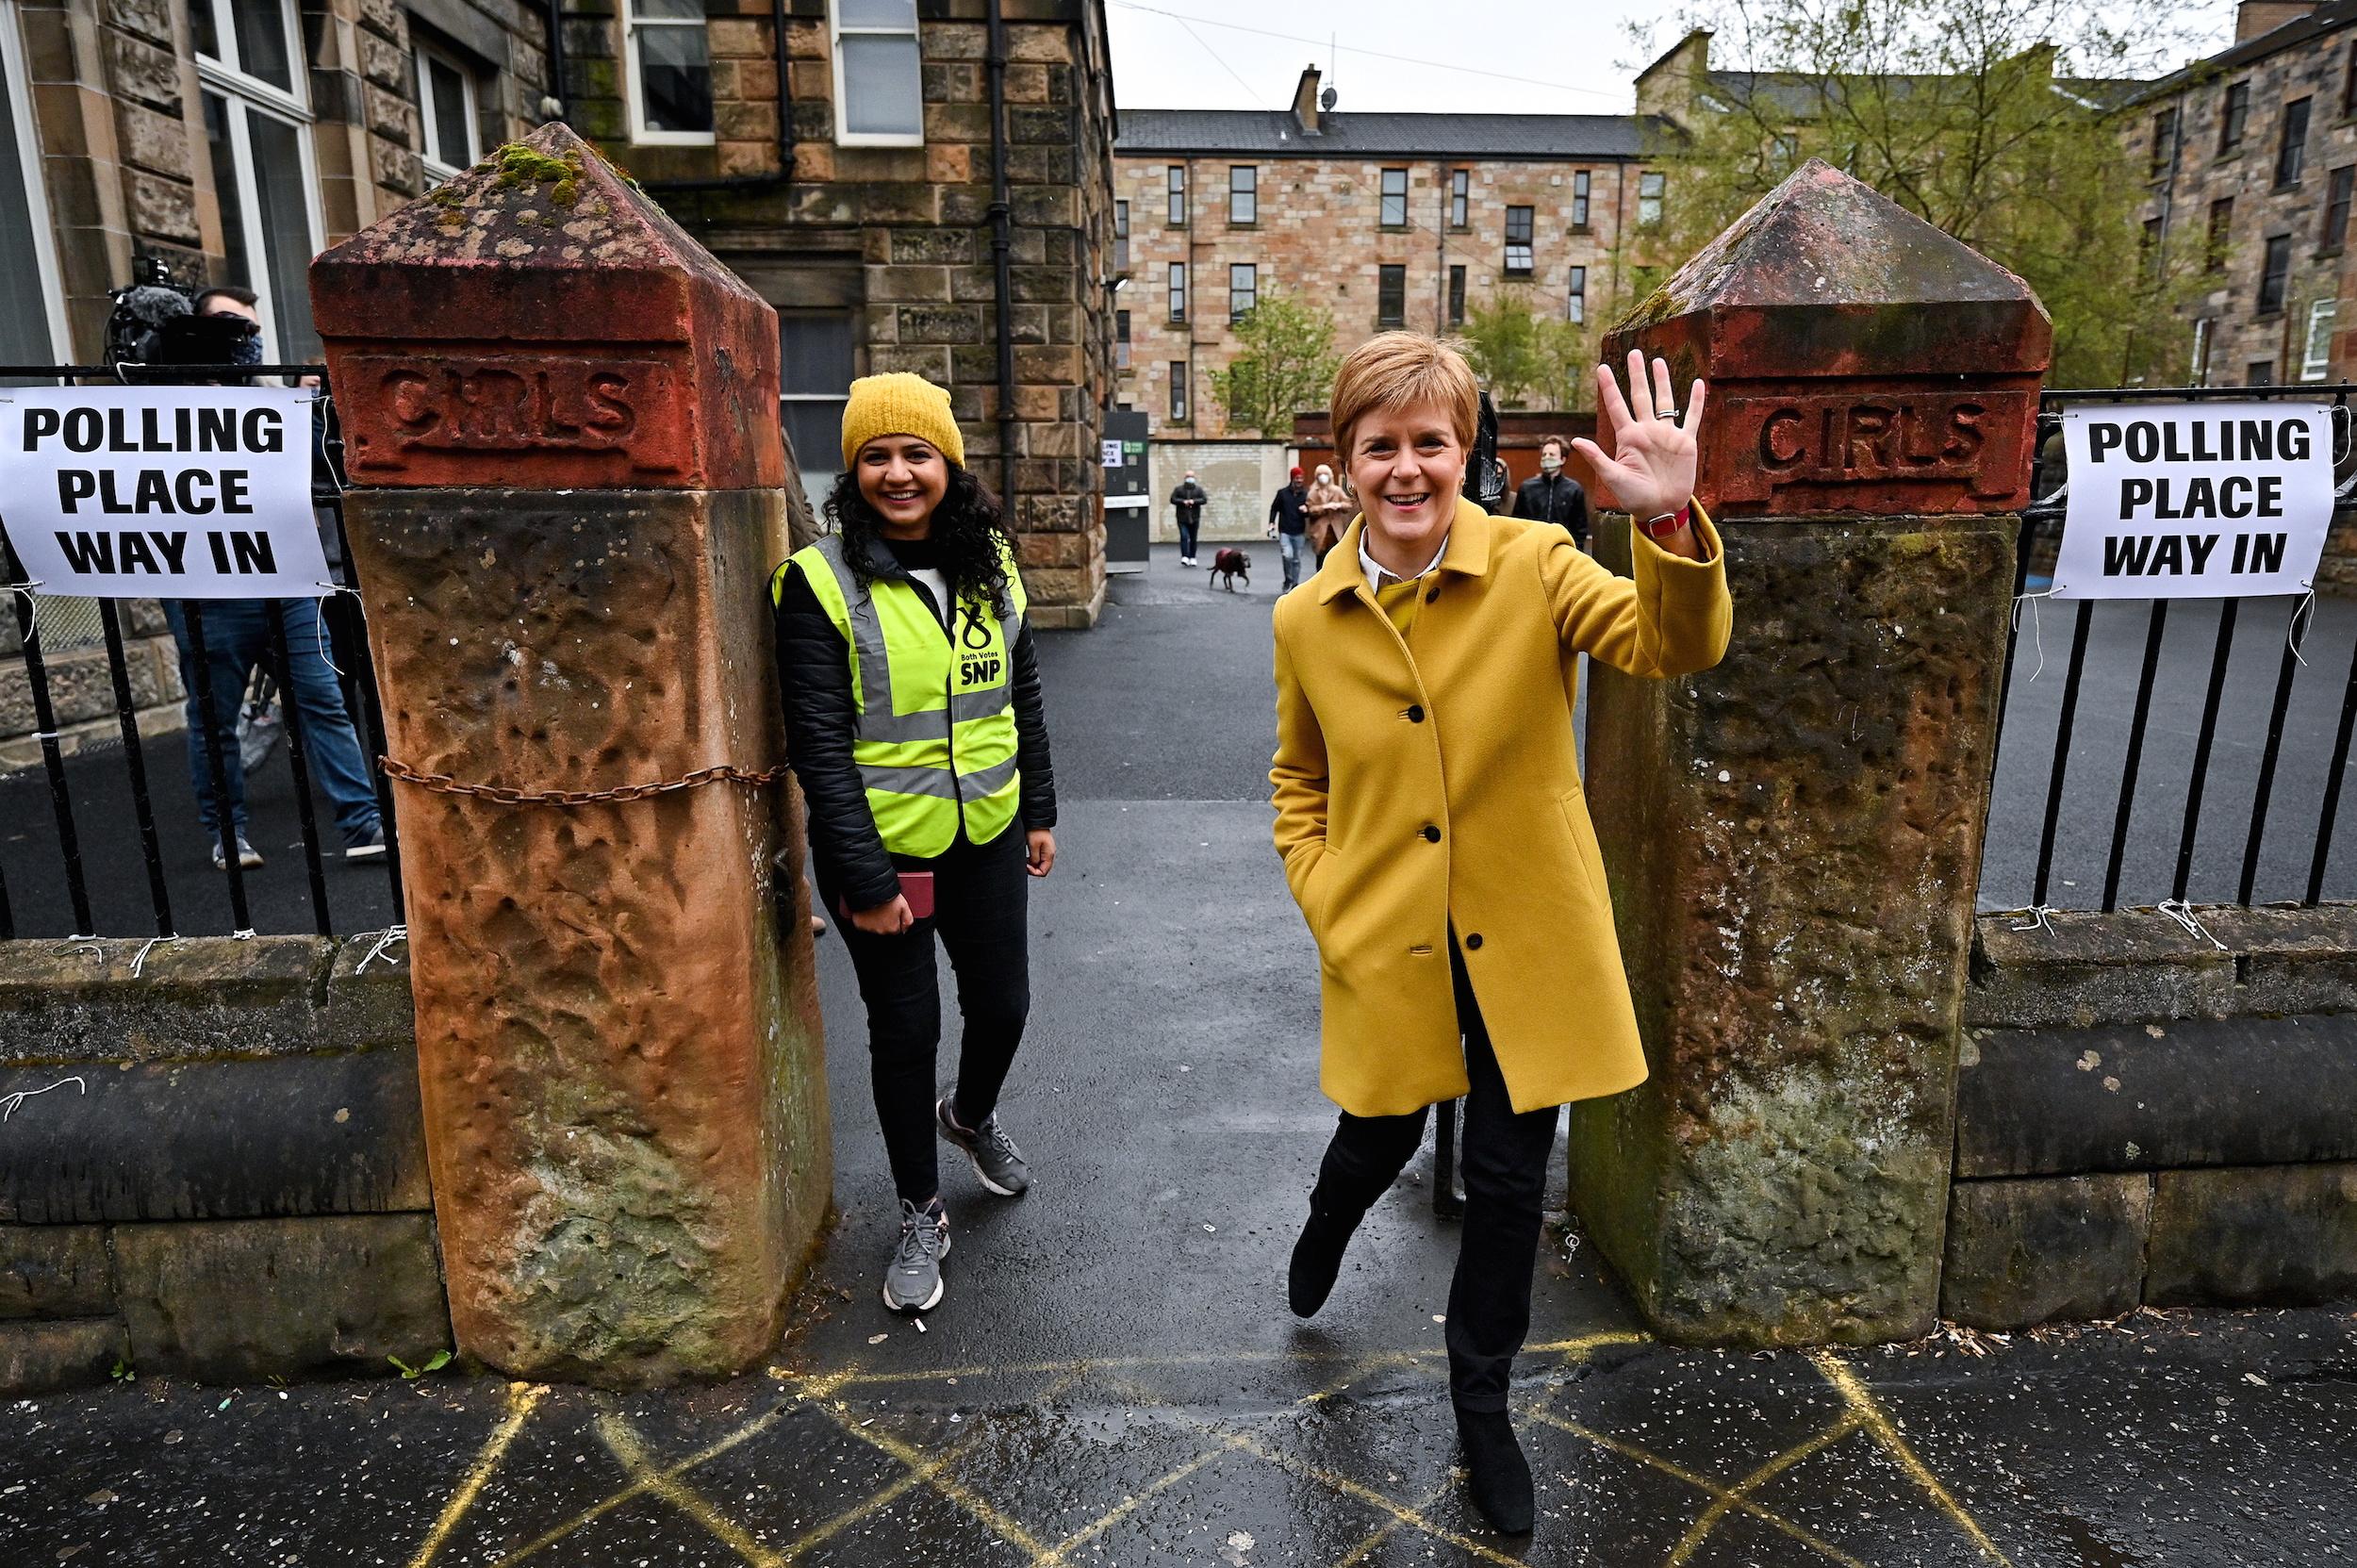 La candidata de l'SNP a la reelecció, Nicola Sturgeon, en un col·legi electoral a Glasgow, el 6 de maig del 2021 / ACN